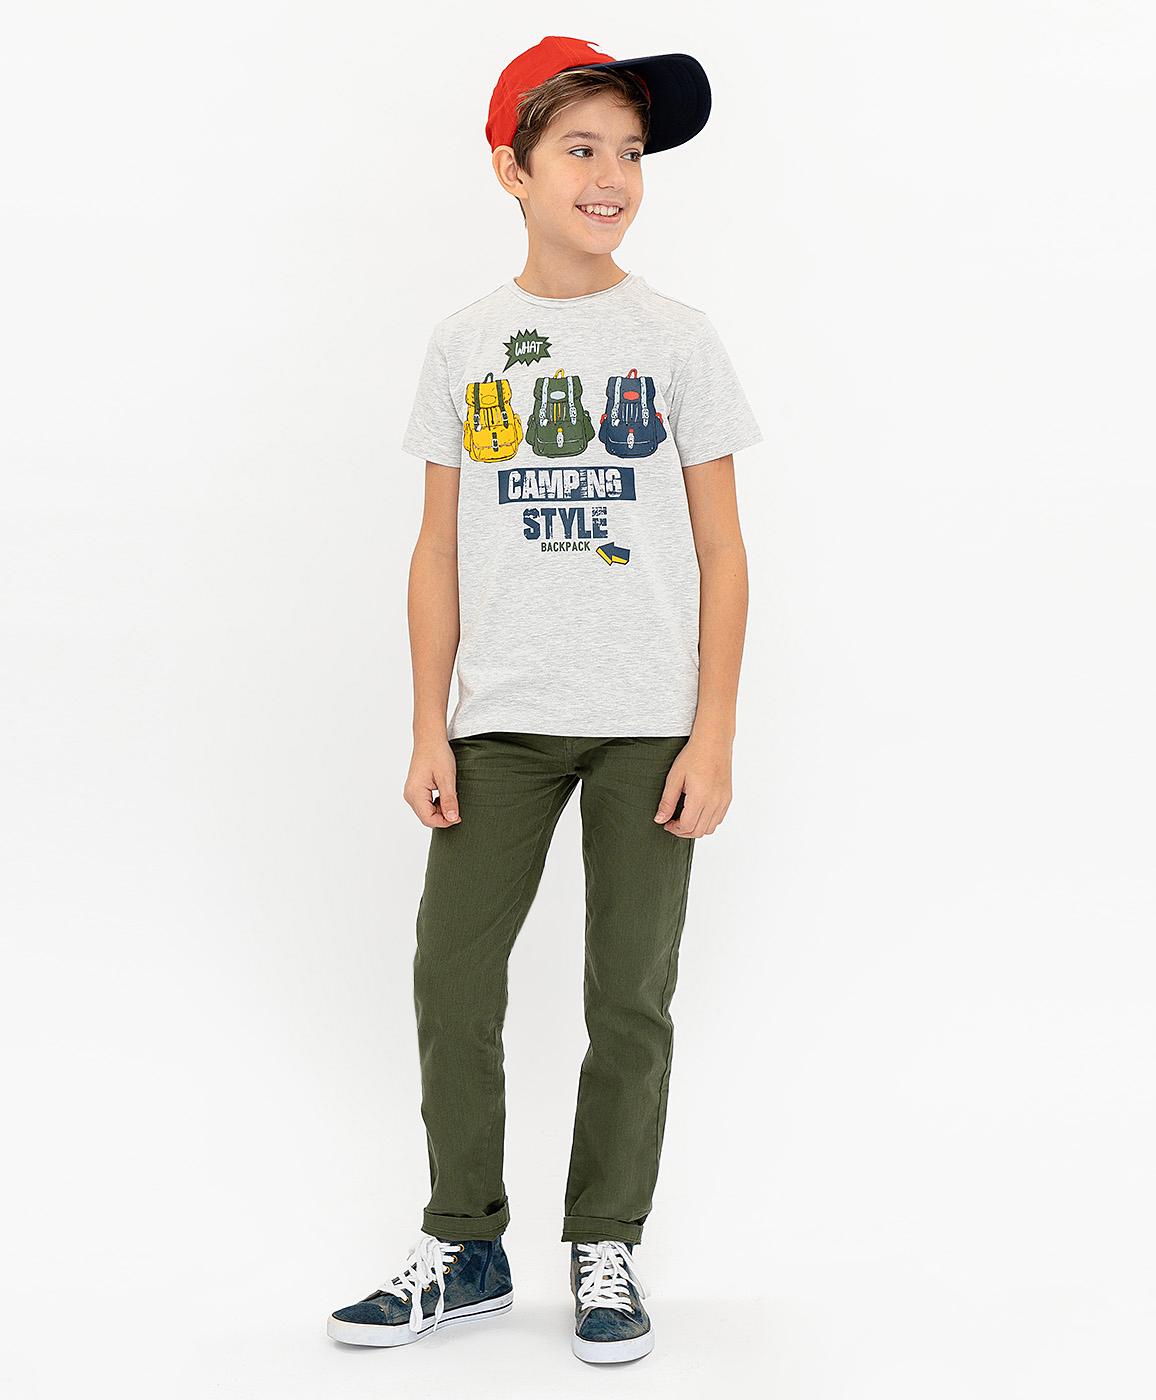 Купить 120BBBC12021900, Серая футболка с принтом Button Blue, серый, 134, Мужской, ВЕСНА/ЛЕТО 2020 (shop: GulliverMarket Gulliver Market)